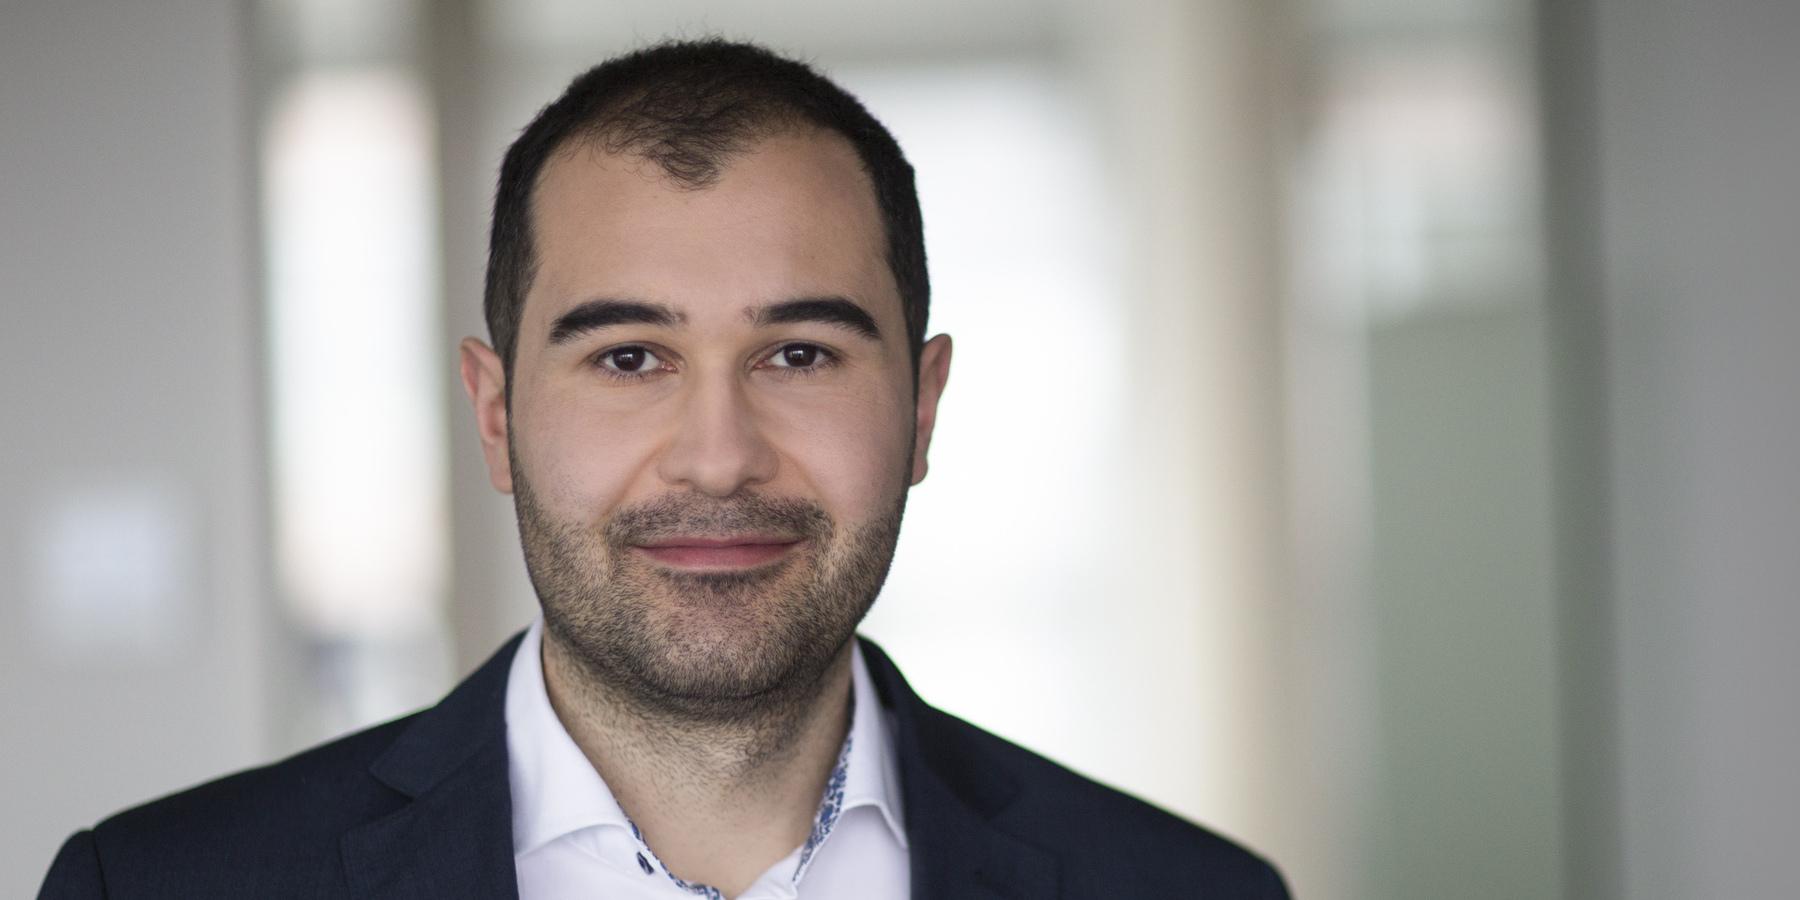 Neue Stelle geschaffen - Mehmet Cevahir Pressemitteilung